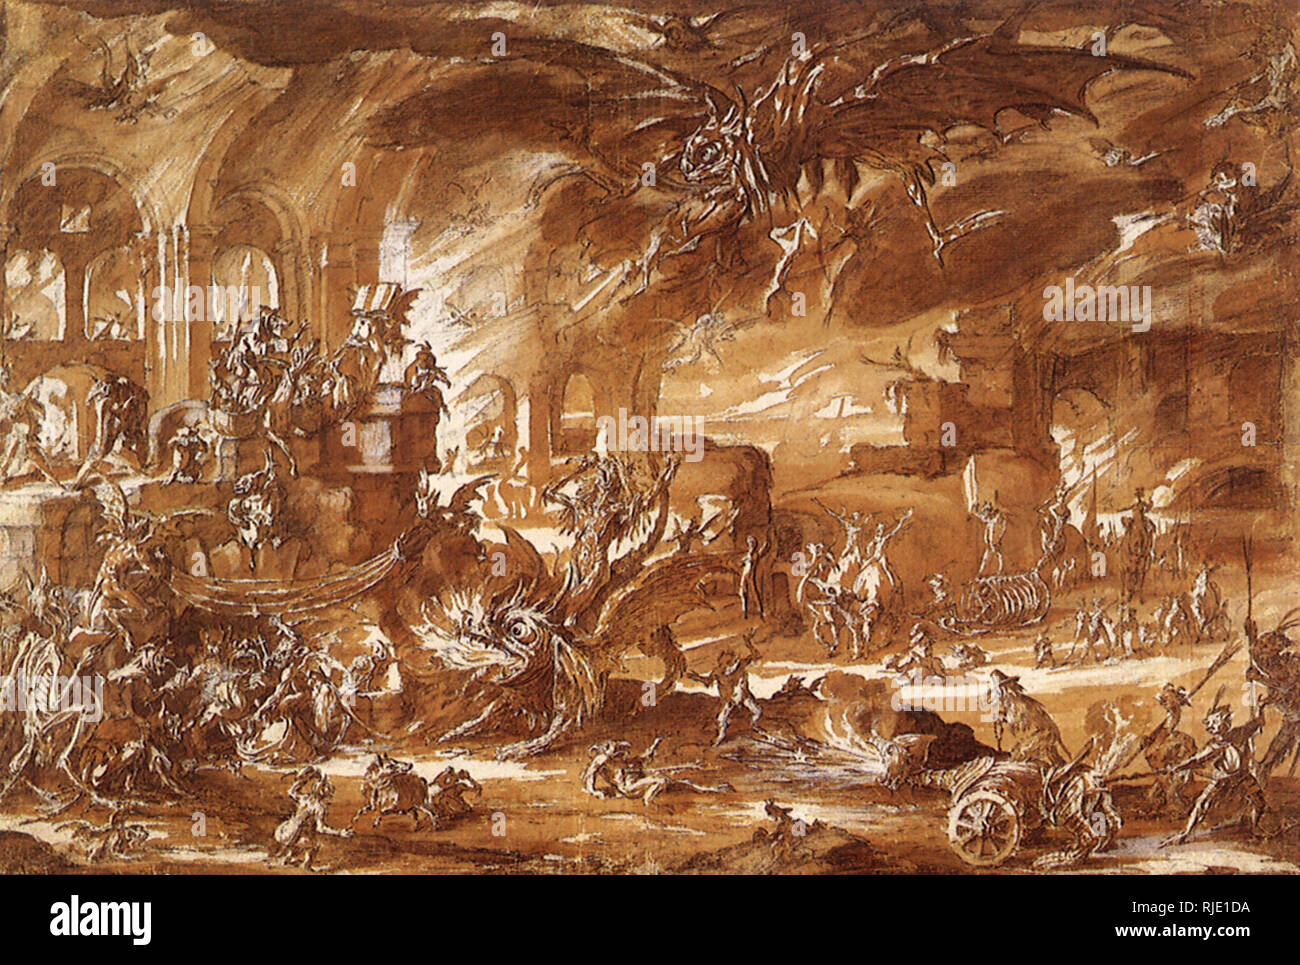 La Tentation de Saint Antoine. Photo Stock